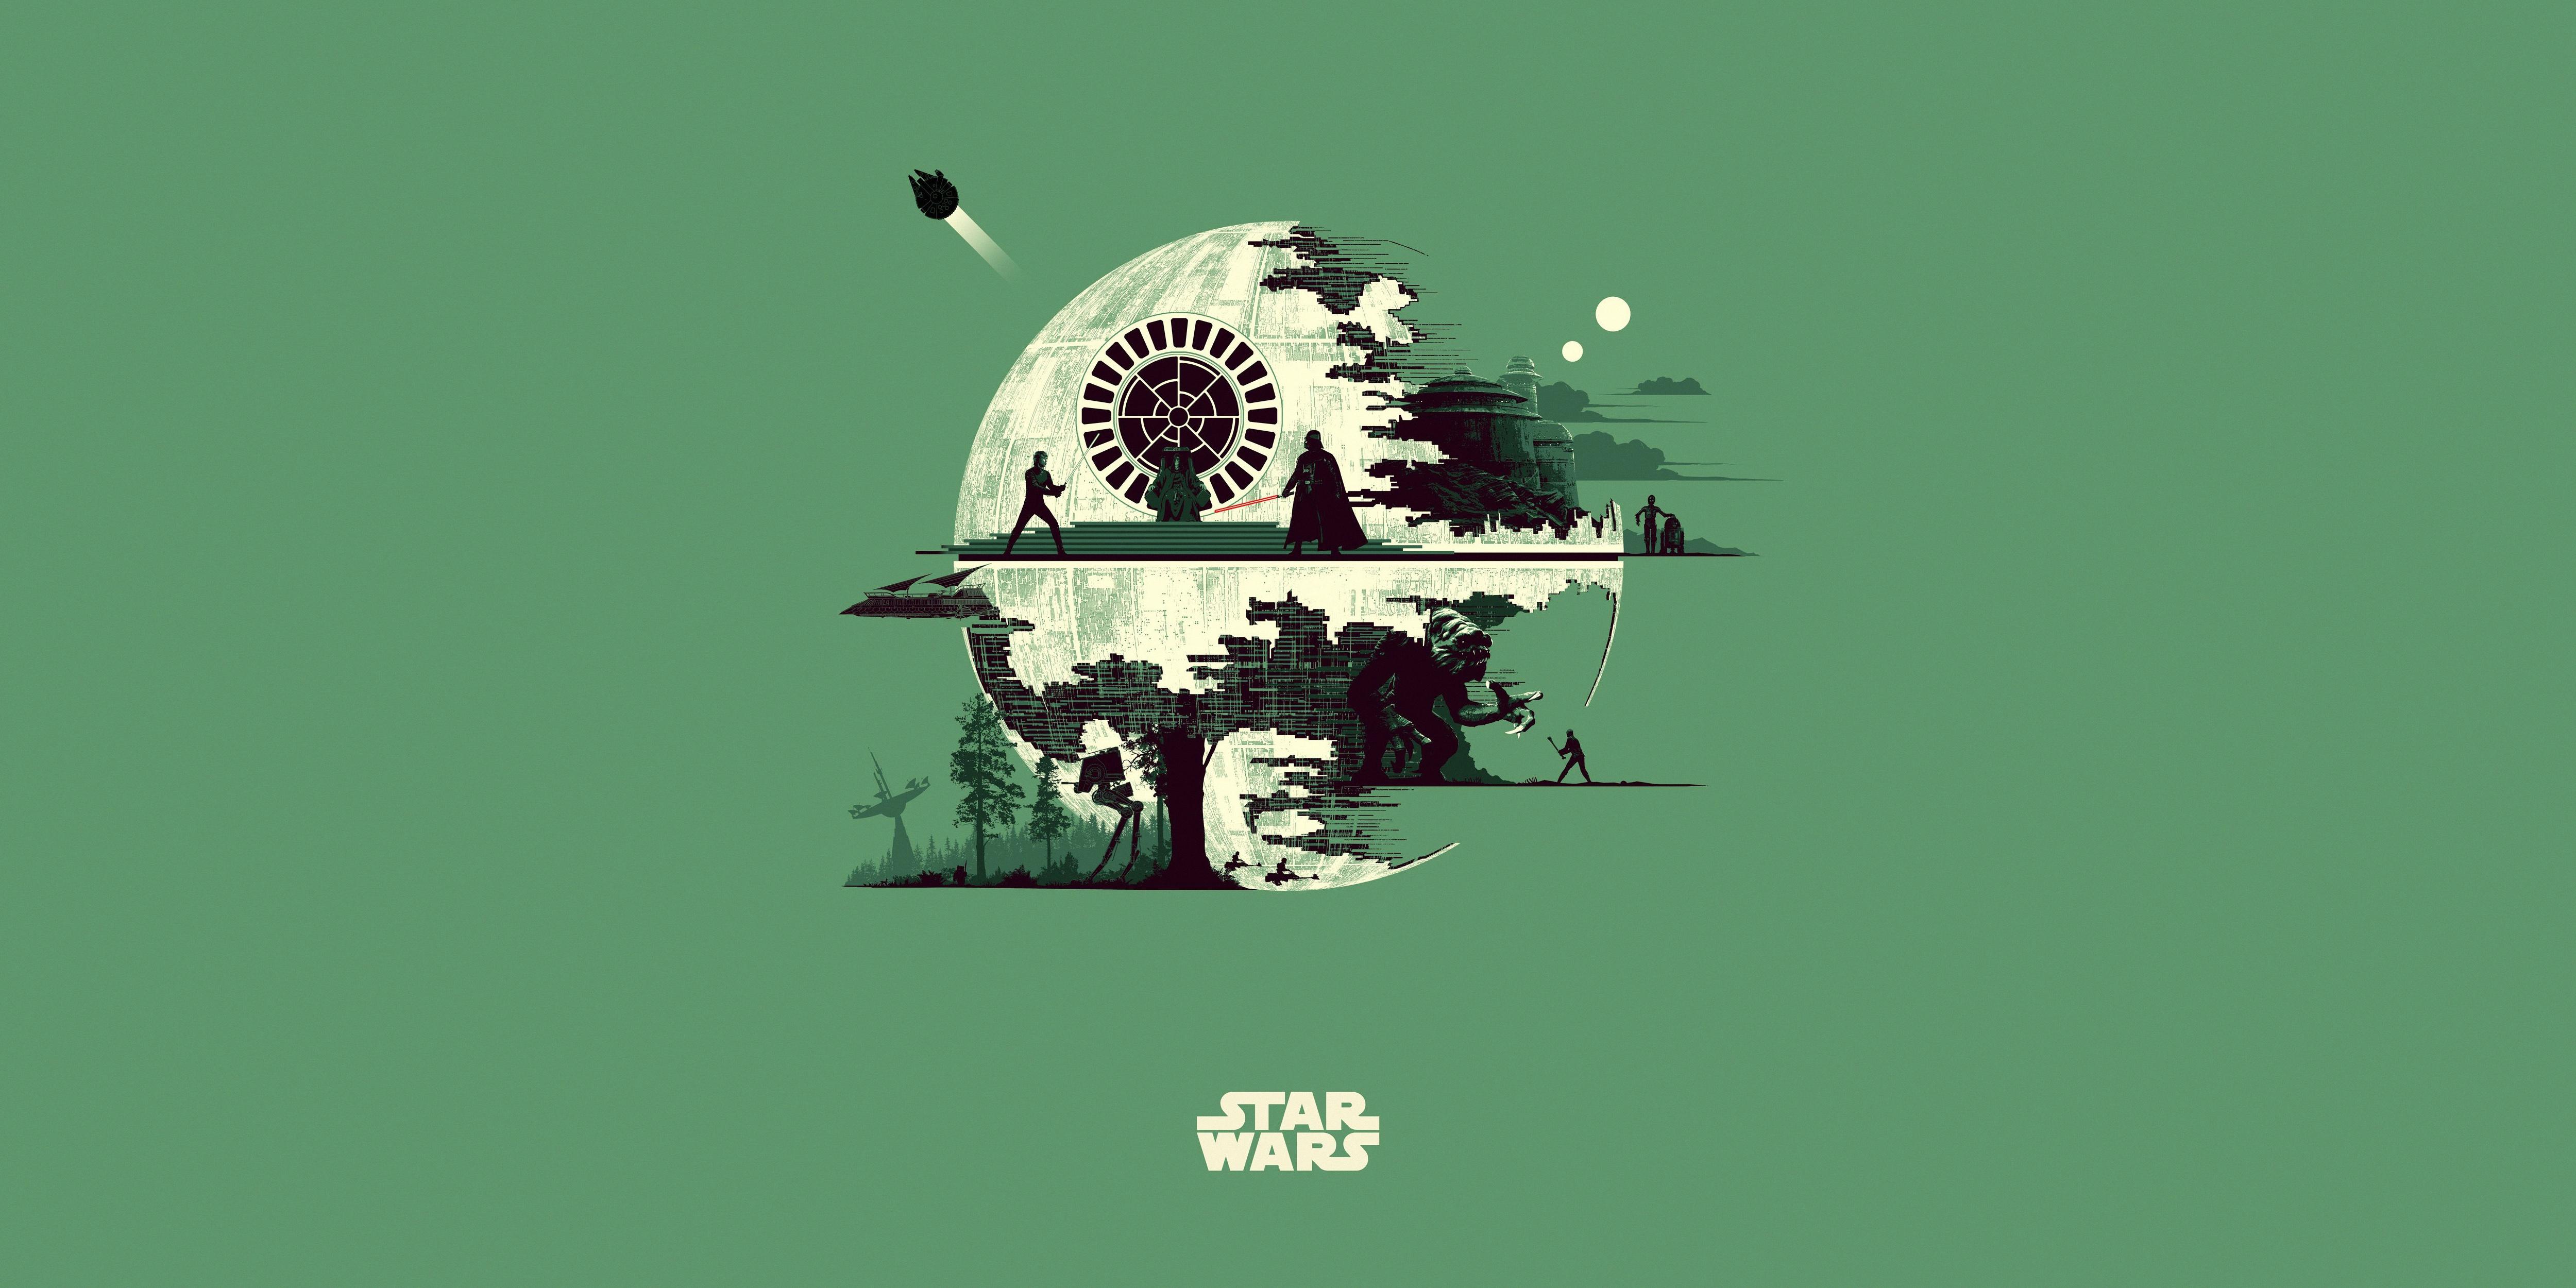 Minimalist Luke Skywalker 4k Ultra Hd Wallpaper Background Image 5000x2500